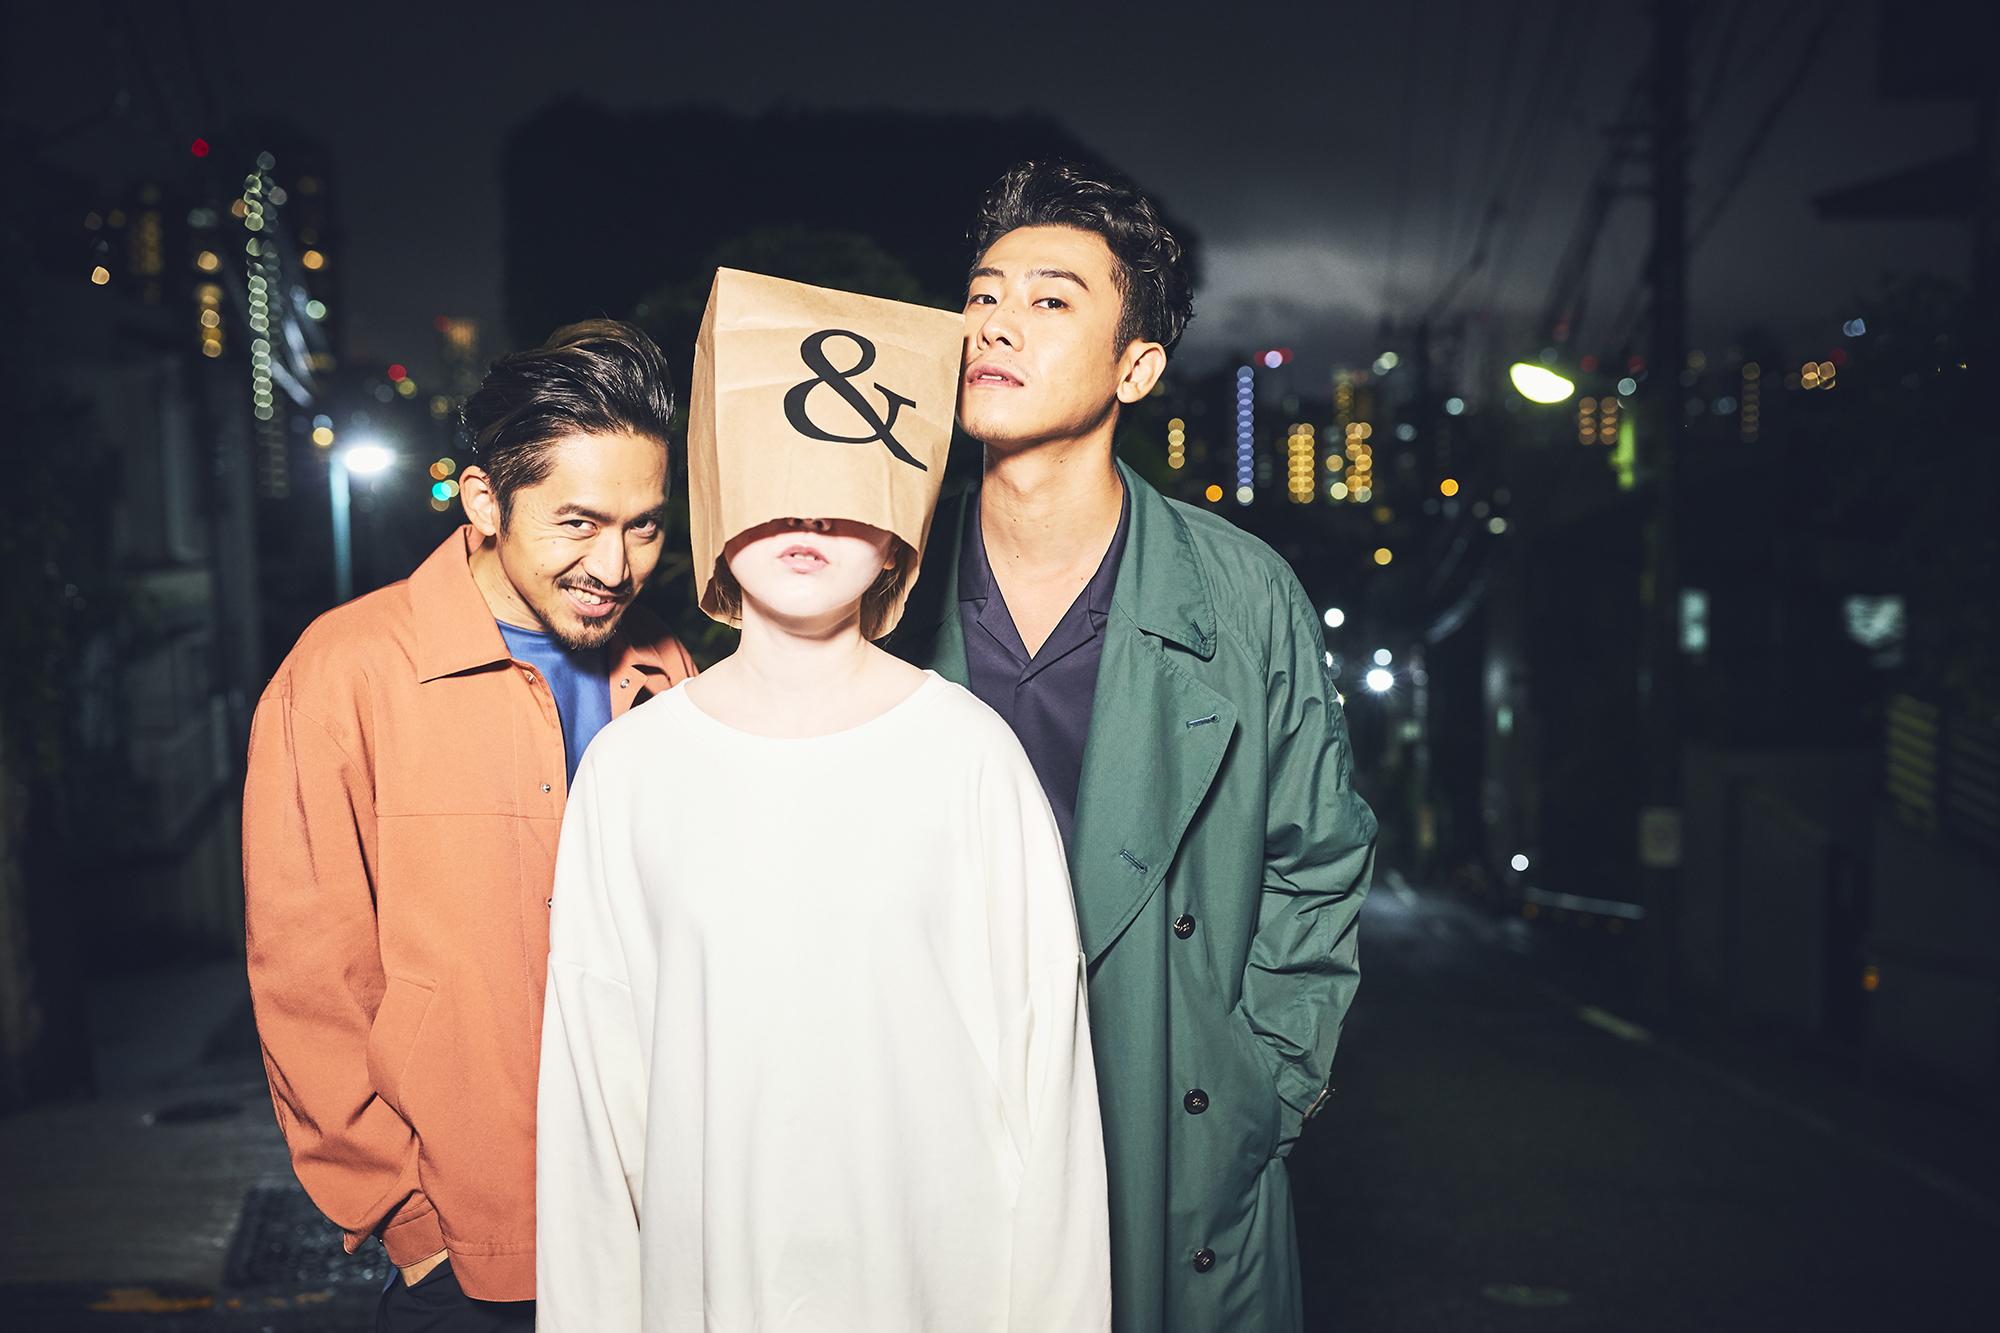 C&K、今注目の歌詞ランキングに3曲ランクイン!ハジ→の新曲は首位の座を獲得